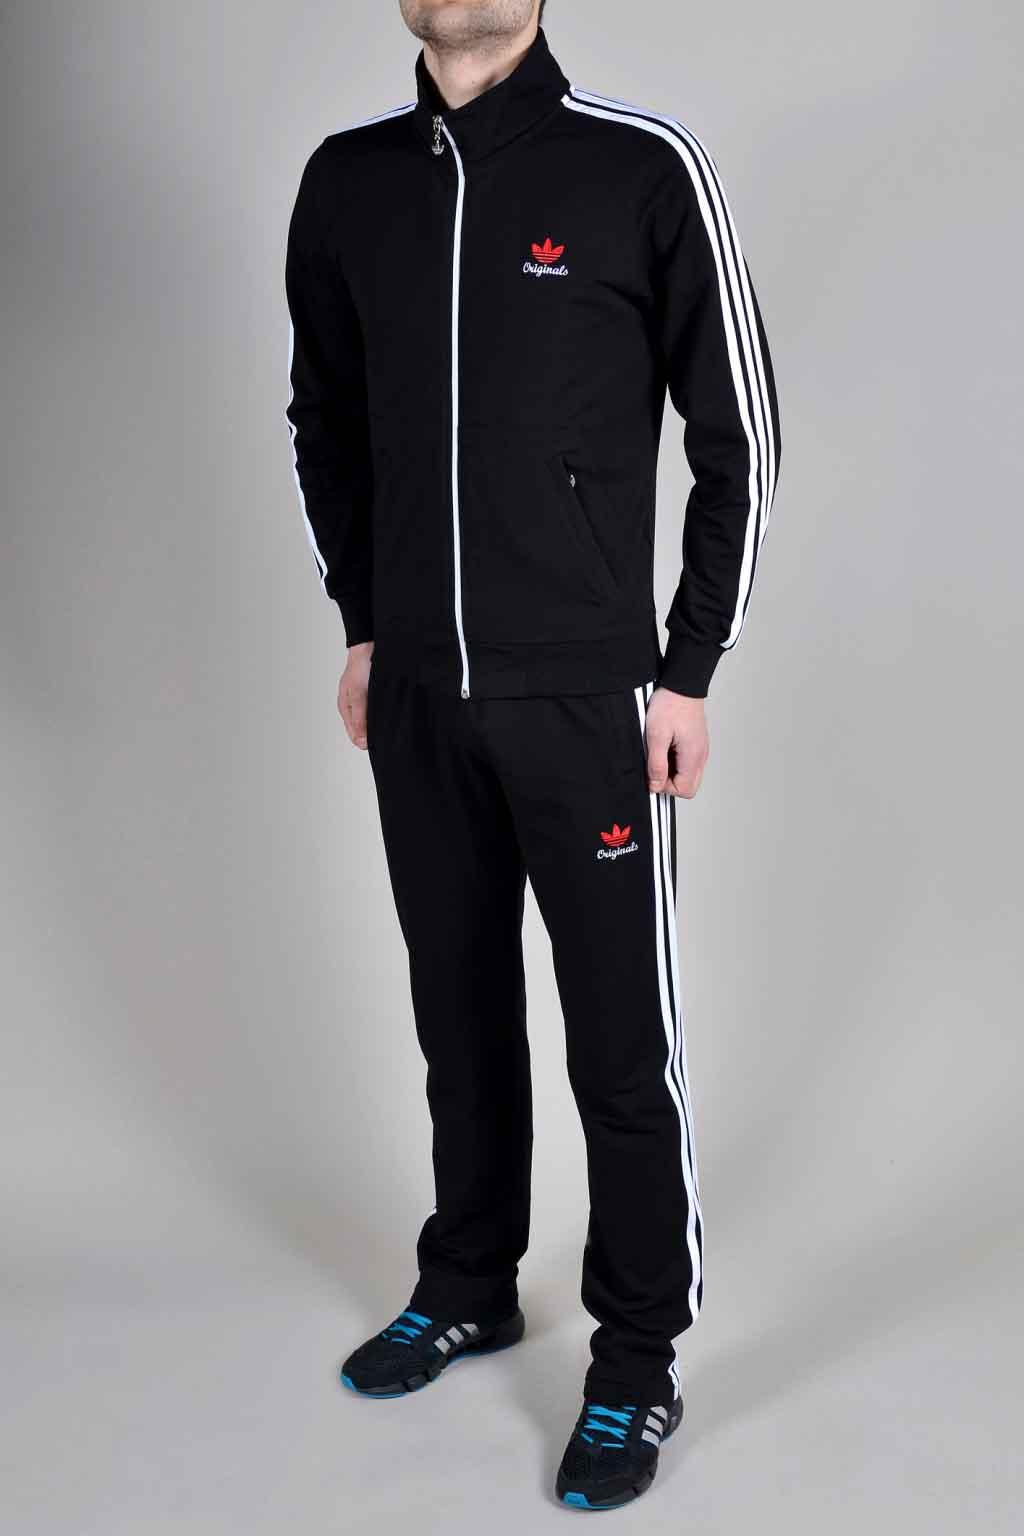 dc9a823f Купить сейчас - Спортивный костюм Adidas Original: 1 238 грн ...